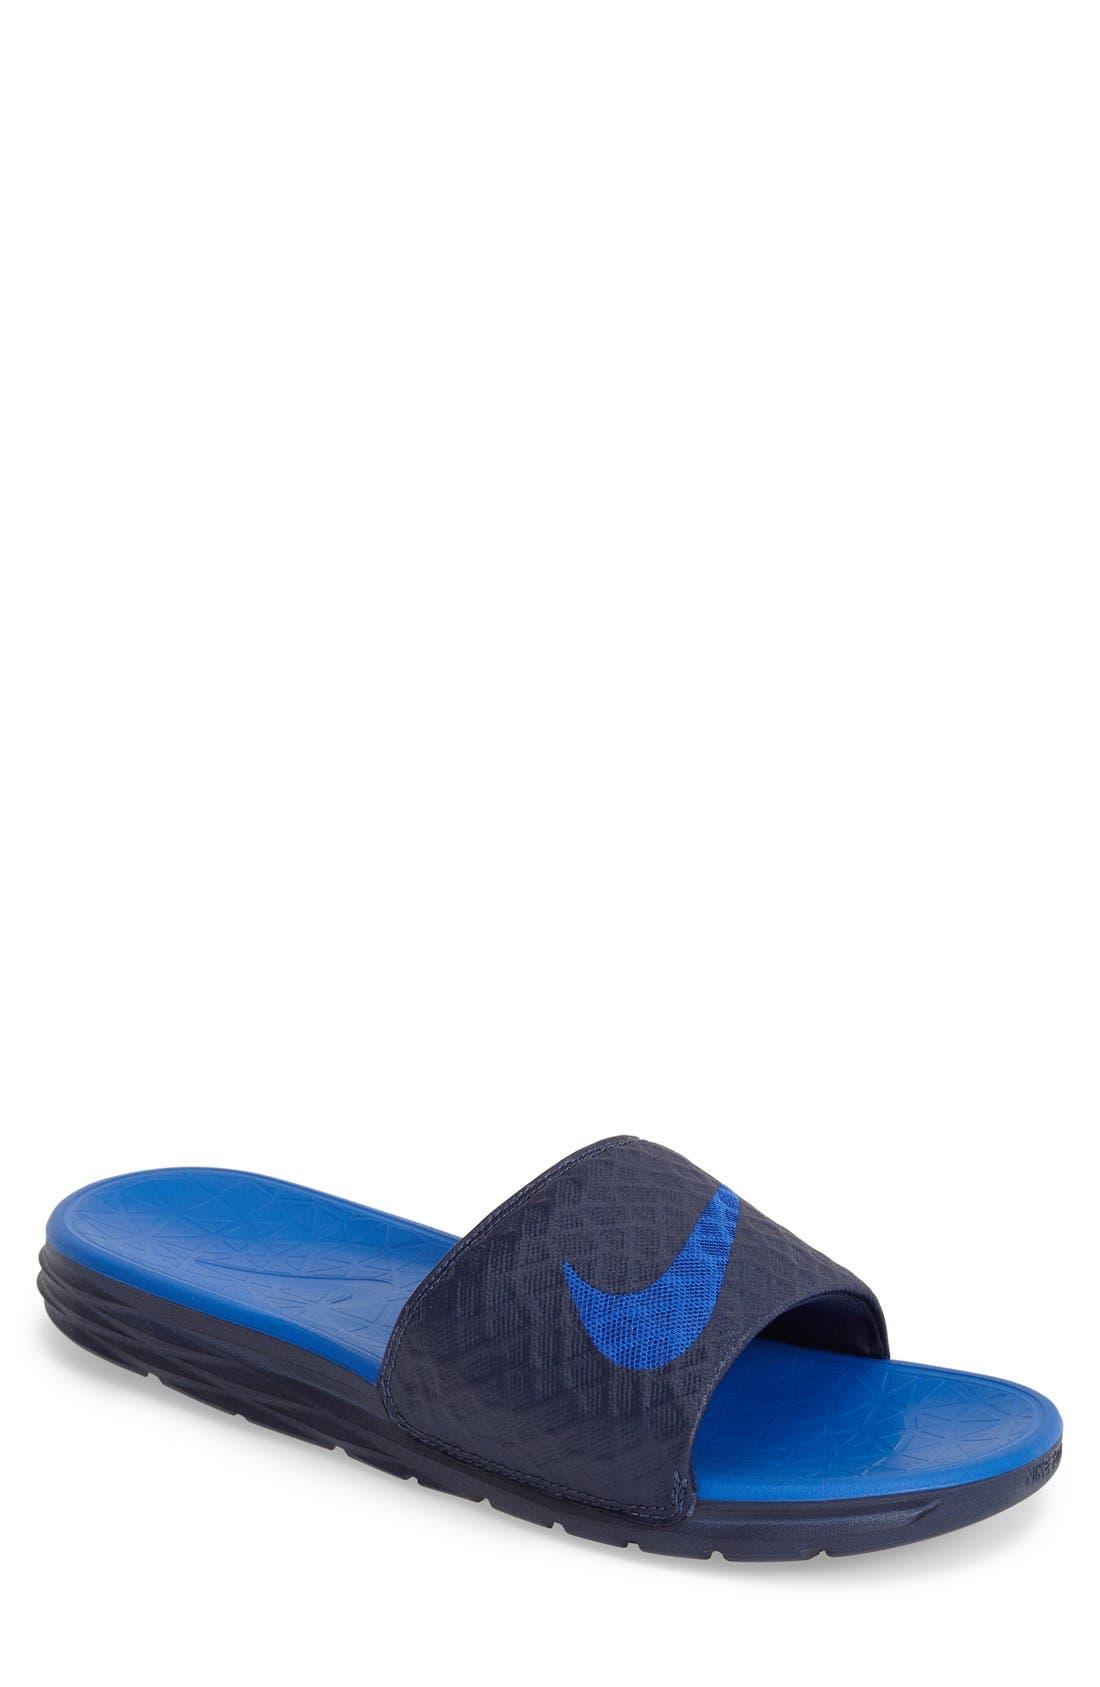 Alternate Image 1 Selected - Nike 'Benassi Solarsoft 2' Slide Sandal (Men)